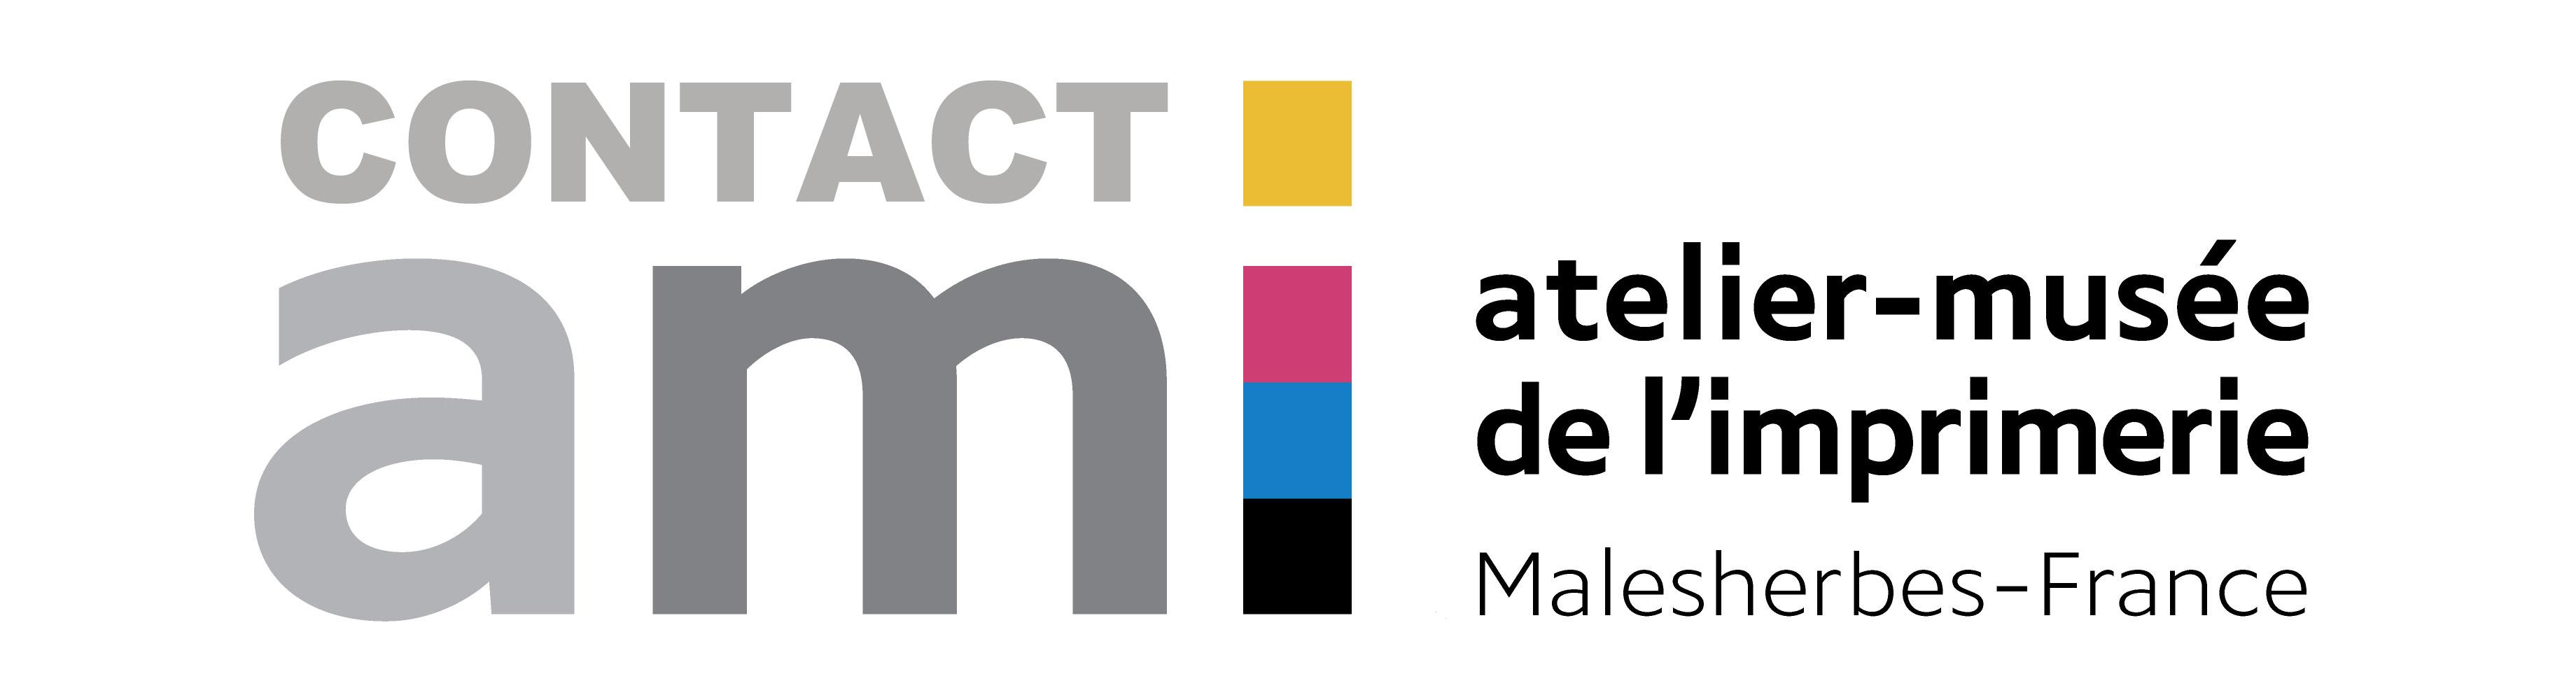 Contactez-nous - Atelier Musée de l'Imprimerie - Malesherbes